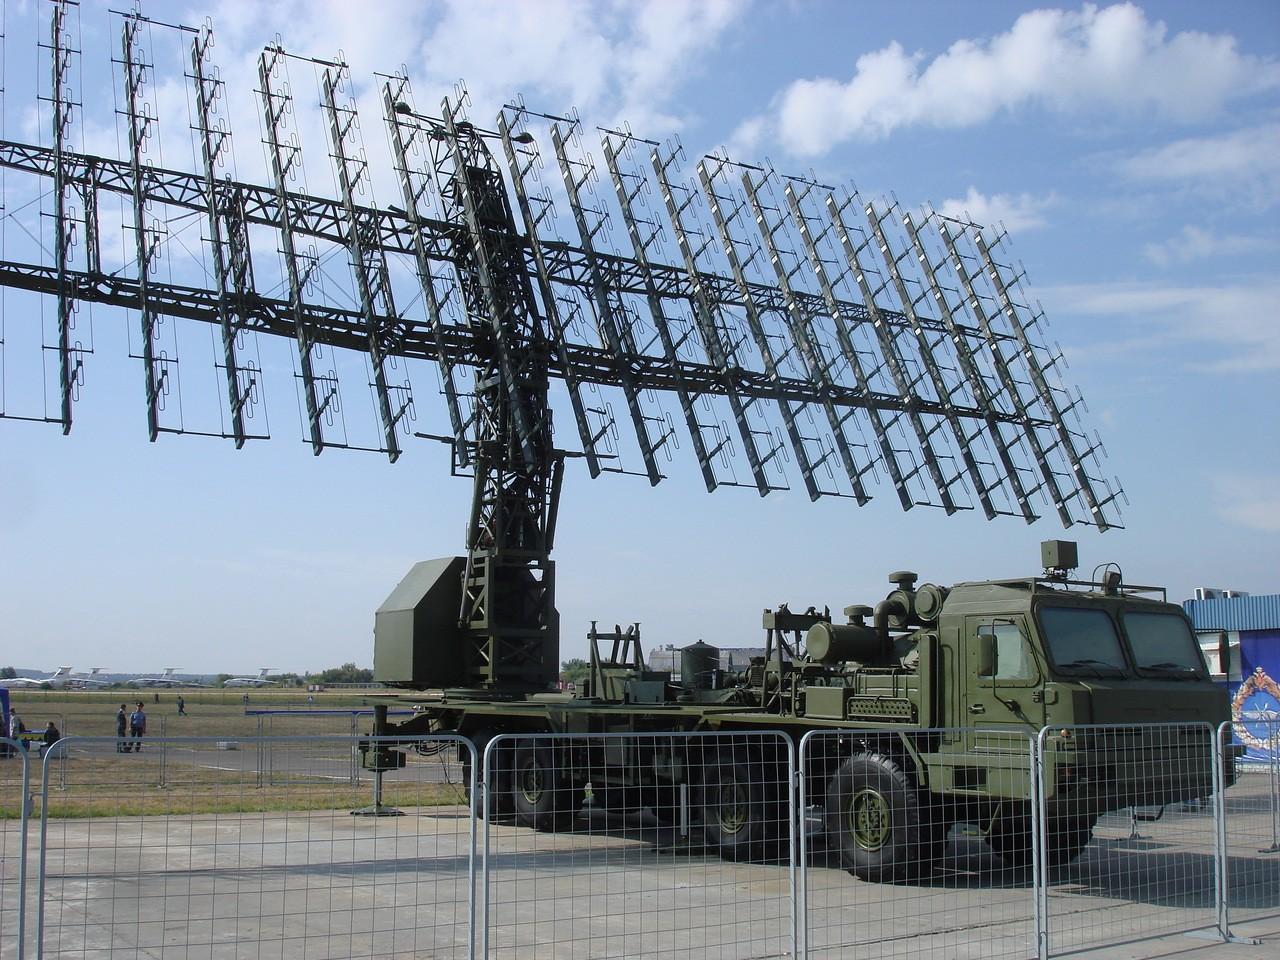 В Российской Федерации отмечают День радиотехнических войск Военно-космических сил